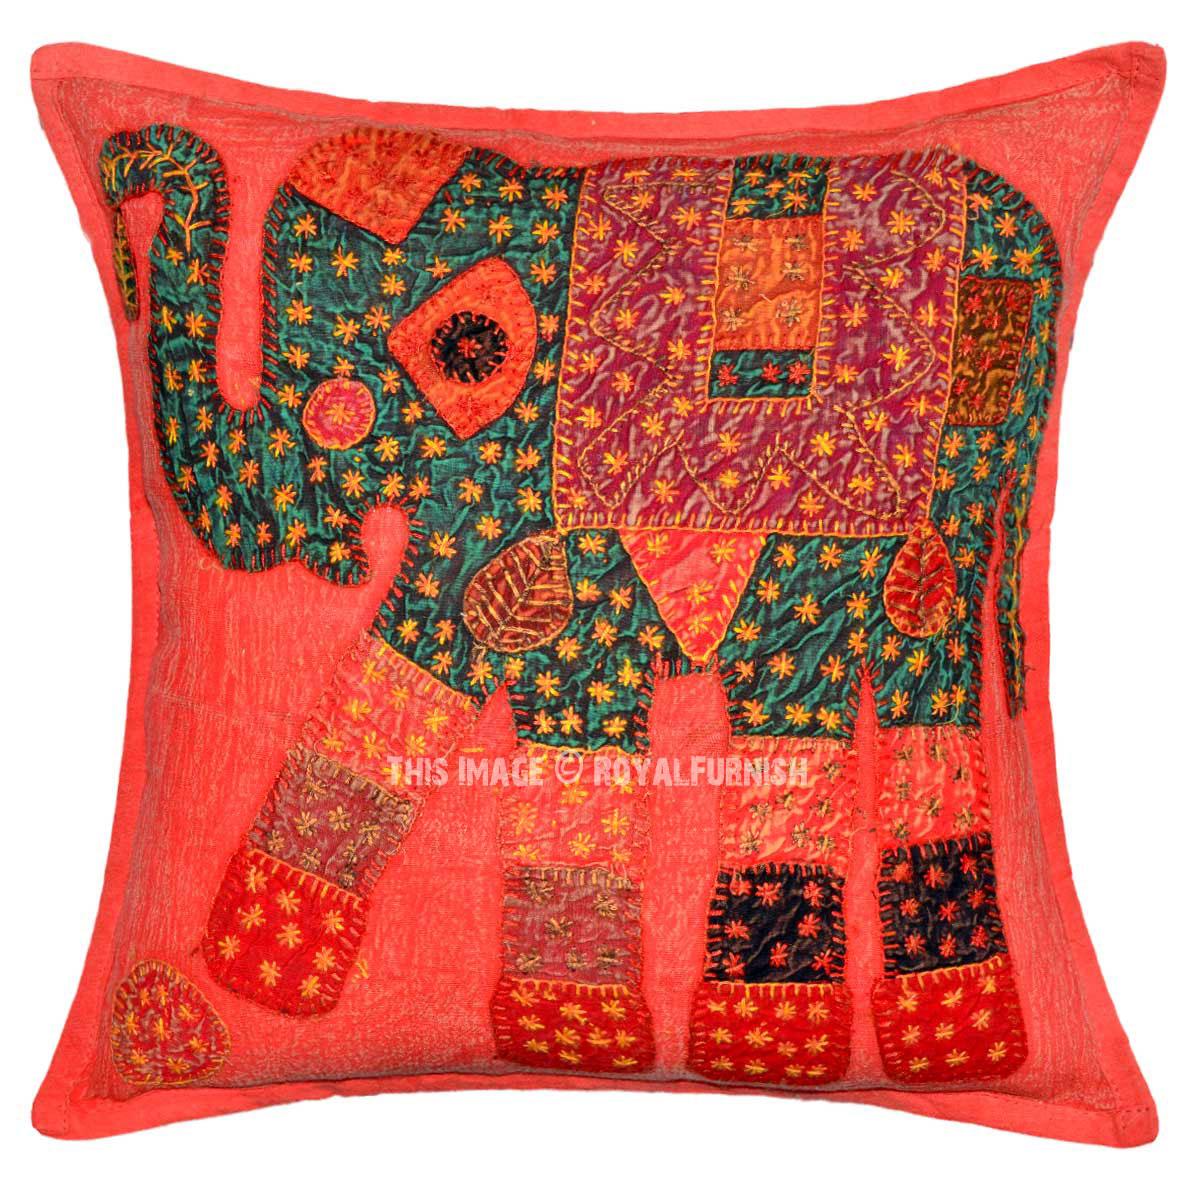 Elephant Throw Pillow Case : Burgundy Colorful One-Of-A-Kind Elephant Throw Pillow Case 16X16 Inch - RoyalFurnish.com